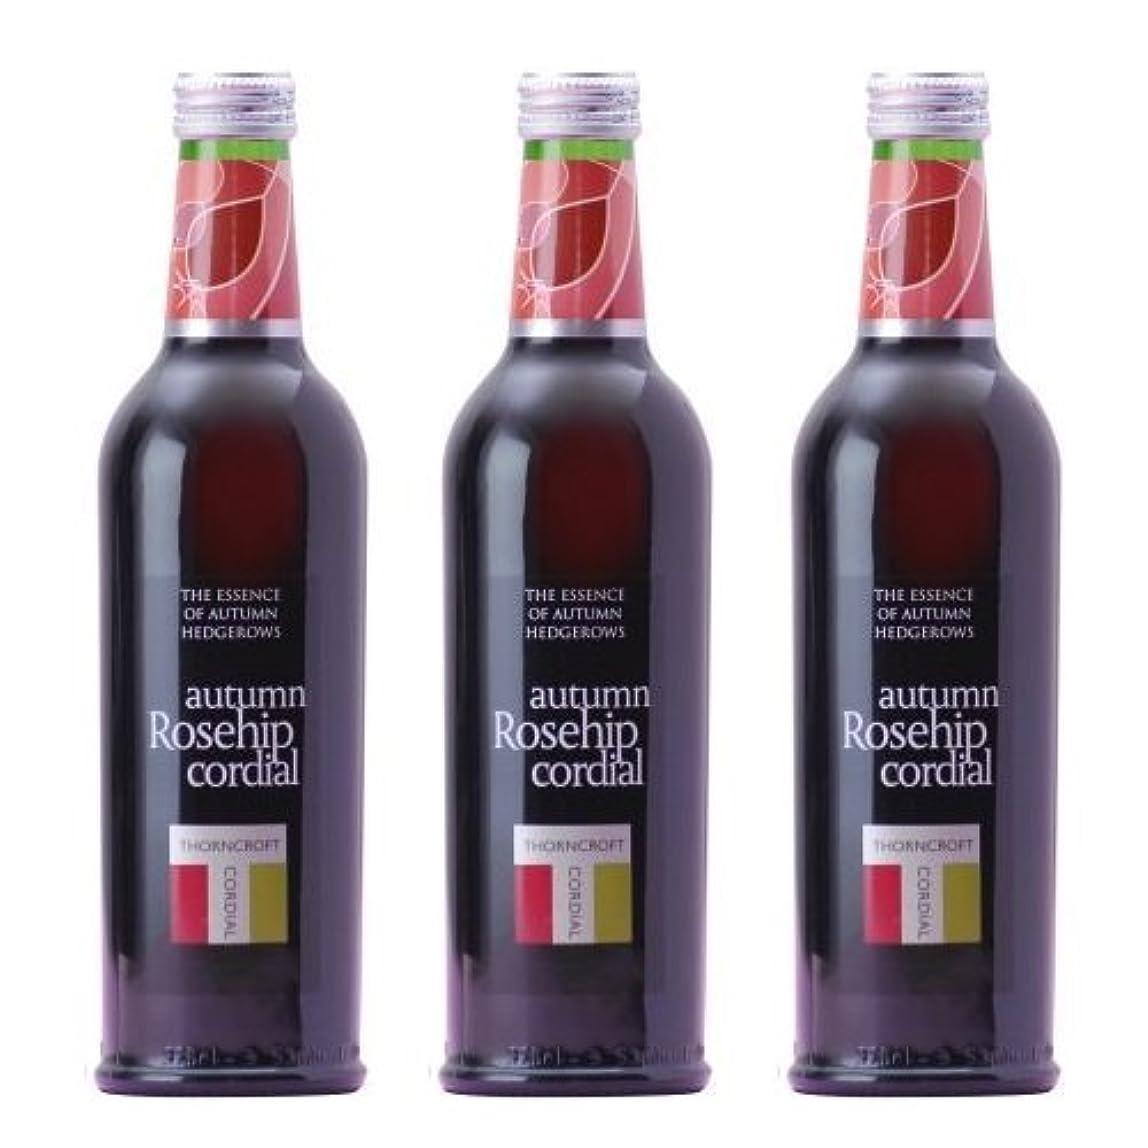 申し立てる覚えているスキッパーソーンクロフト ハーブコーディアル ローズヒップ375ml3本セット【イギリス伝統の天然ハーブ健康飲料】